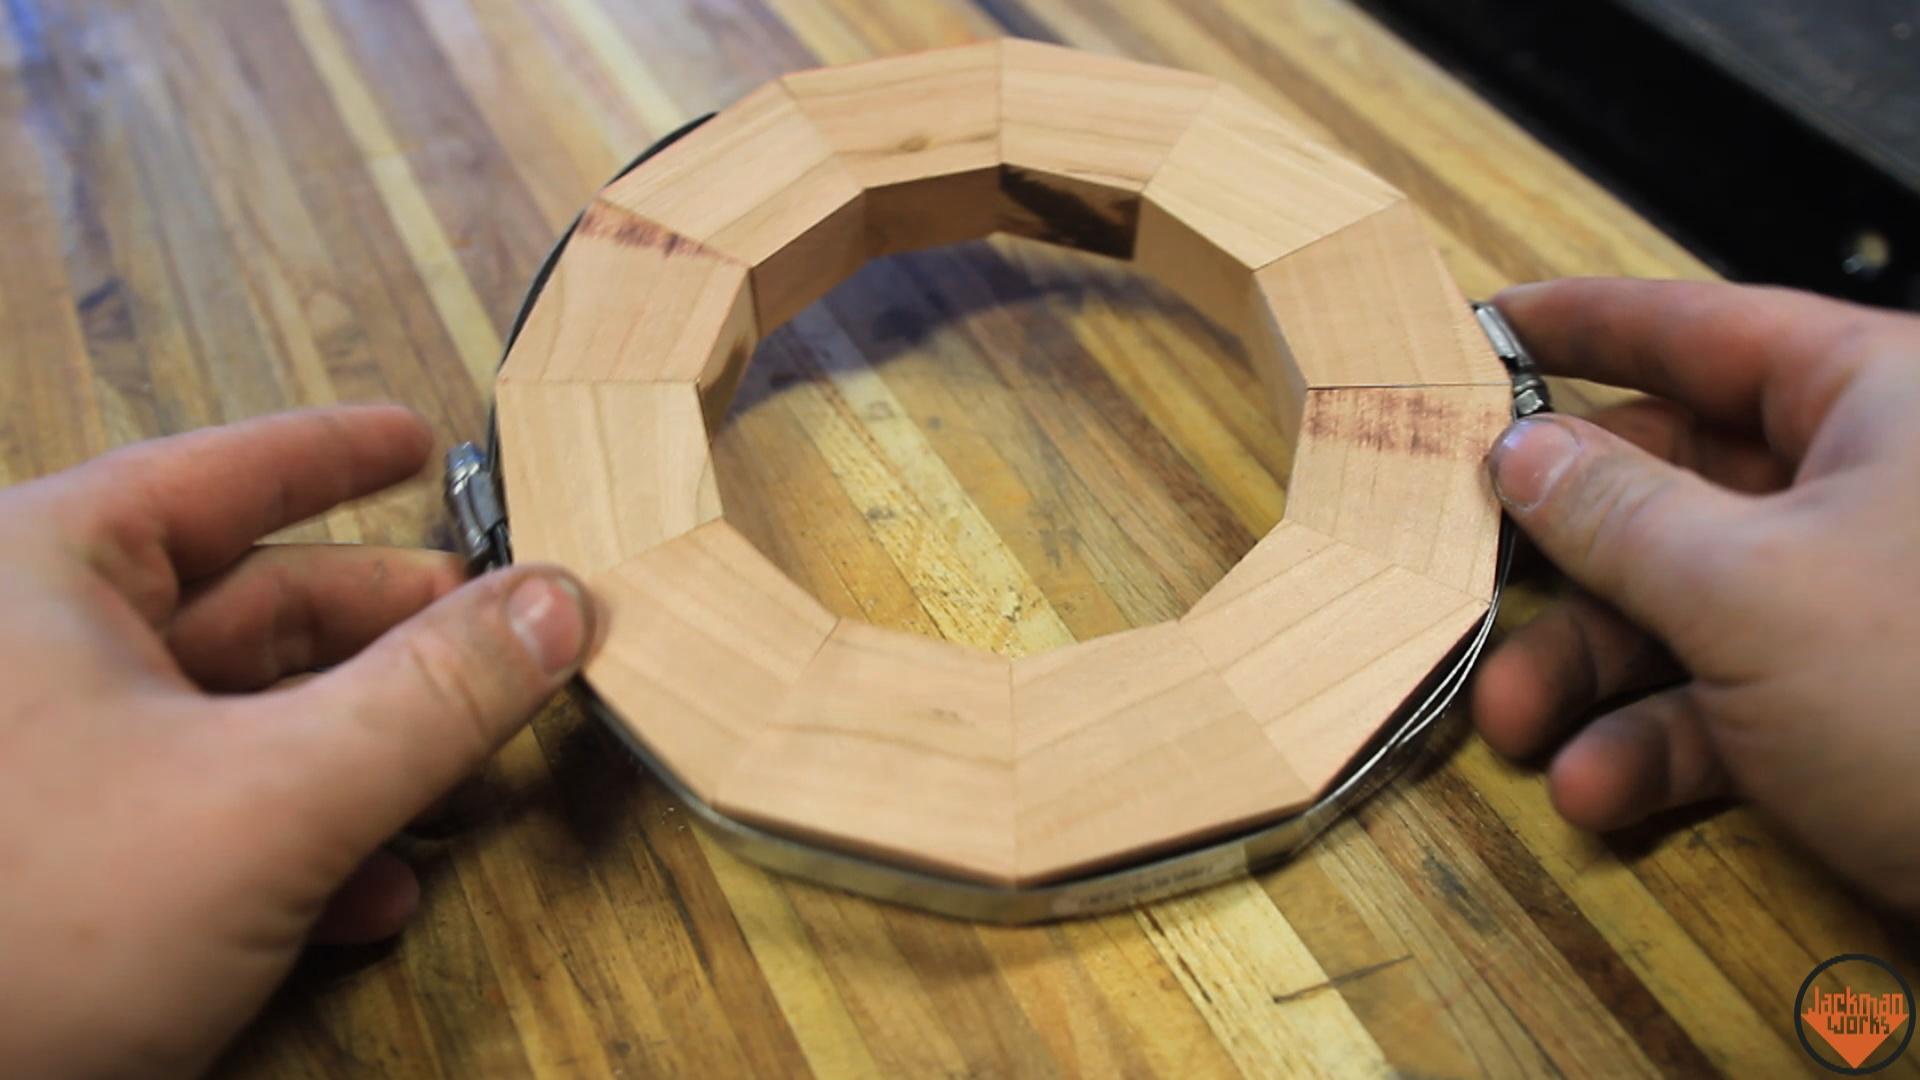 Segmented cherry urns 7 - Jackman Works